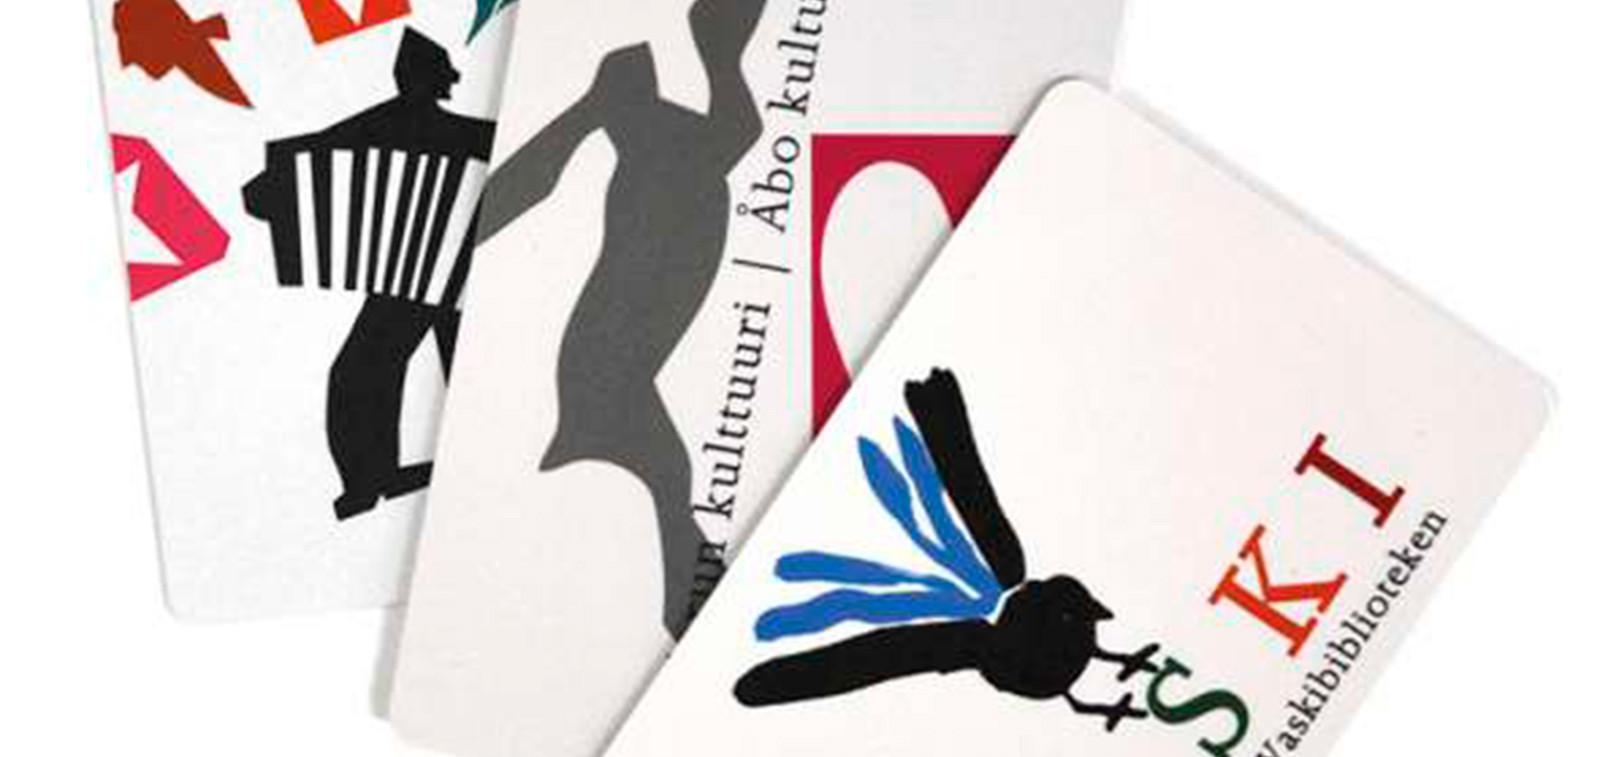 Kirjastokortit, jotka toimivat haluttaessa myös Kulttuurikortteina